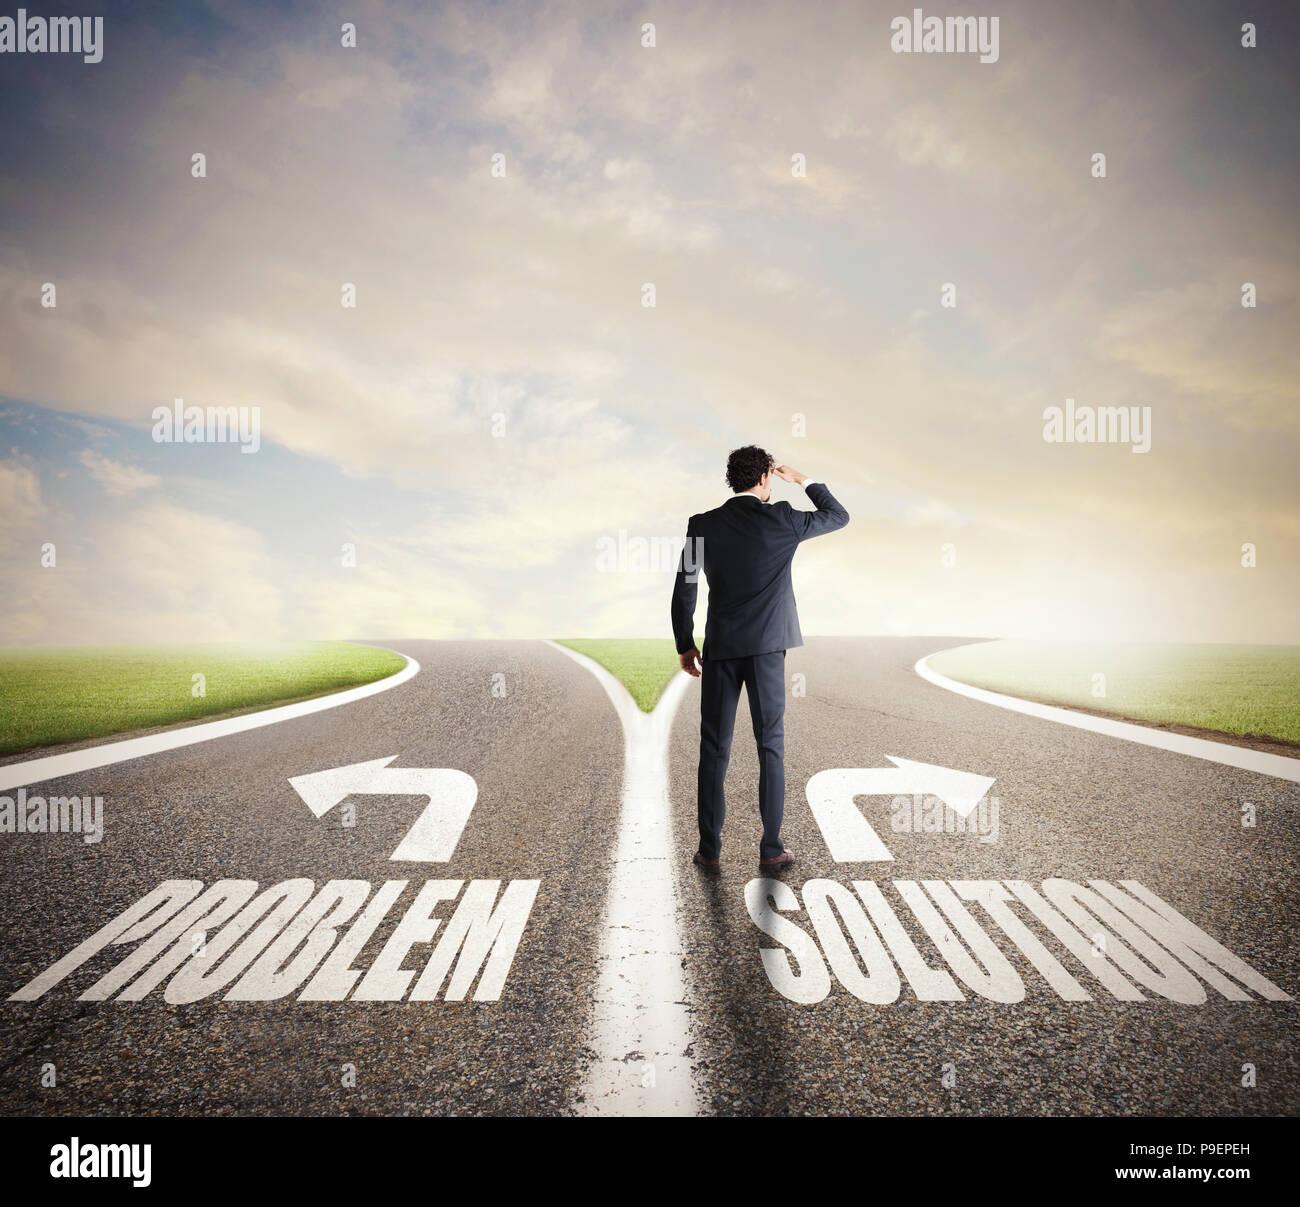 Geschäftsmann an einem Scheideweg. Er entscheidet sich für den richtigen Weg. Begriff der Entscheidung im Geschäft Stockbild